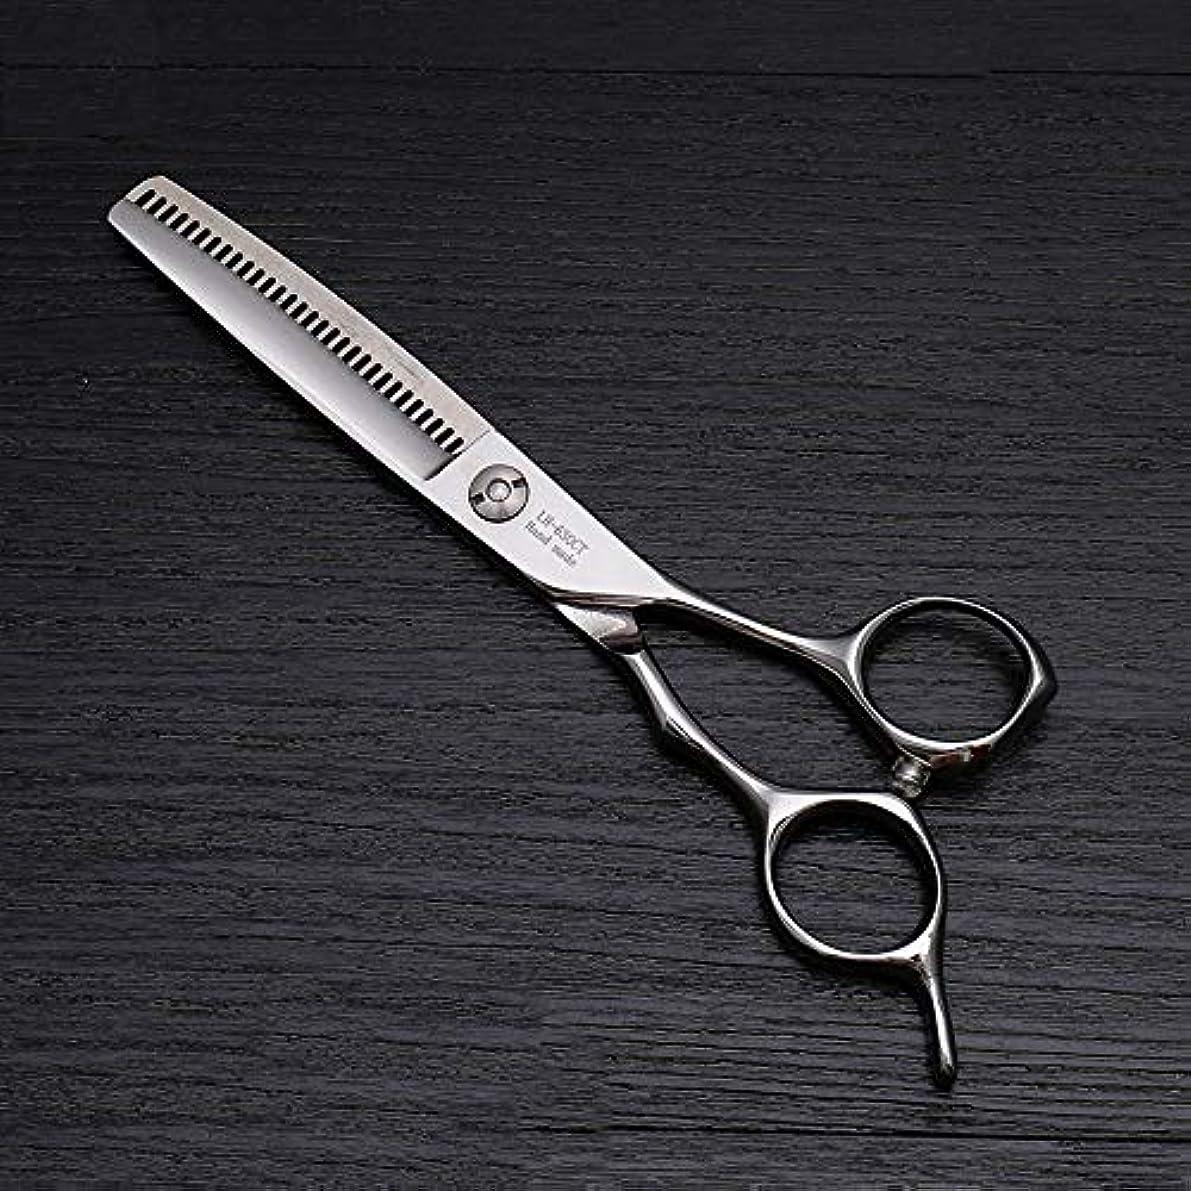 エーカー小競り合い知的6インチの高級ヘアカットはさみ、美容院の特別な髪はさみ モデリングツール (色 : Silver)